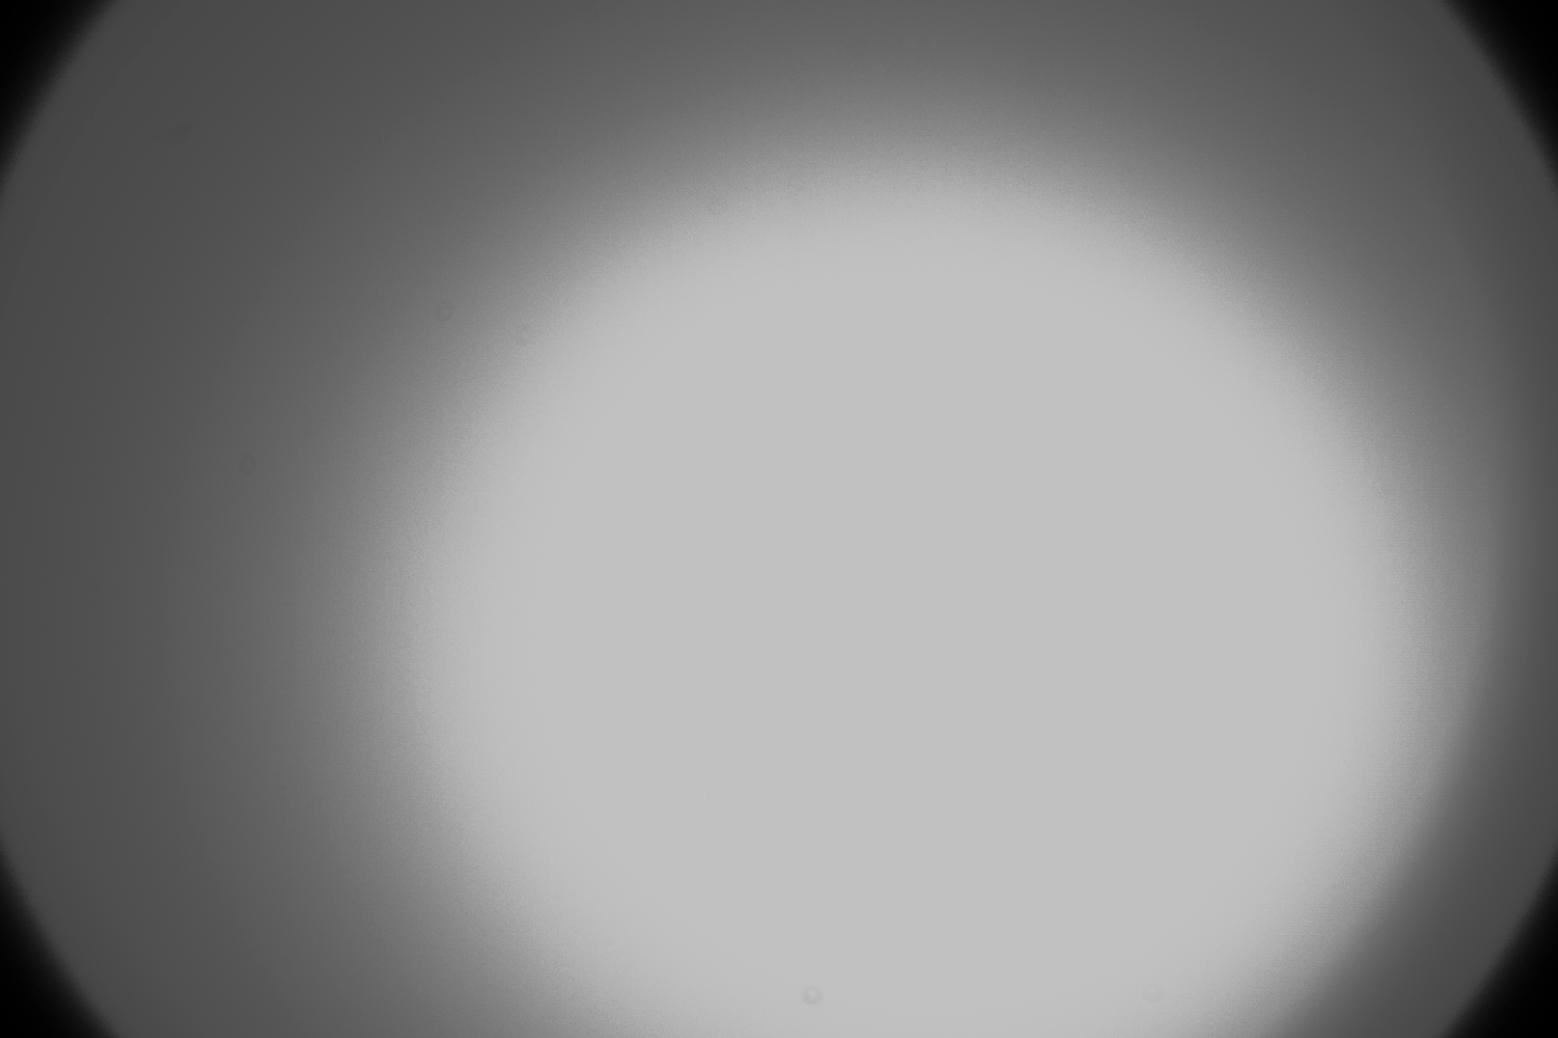 Capture d'écran 2020-11-27 à 10.47.50.png